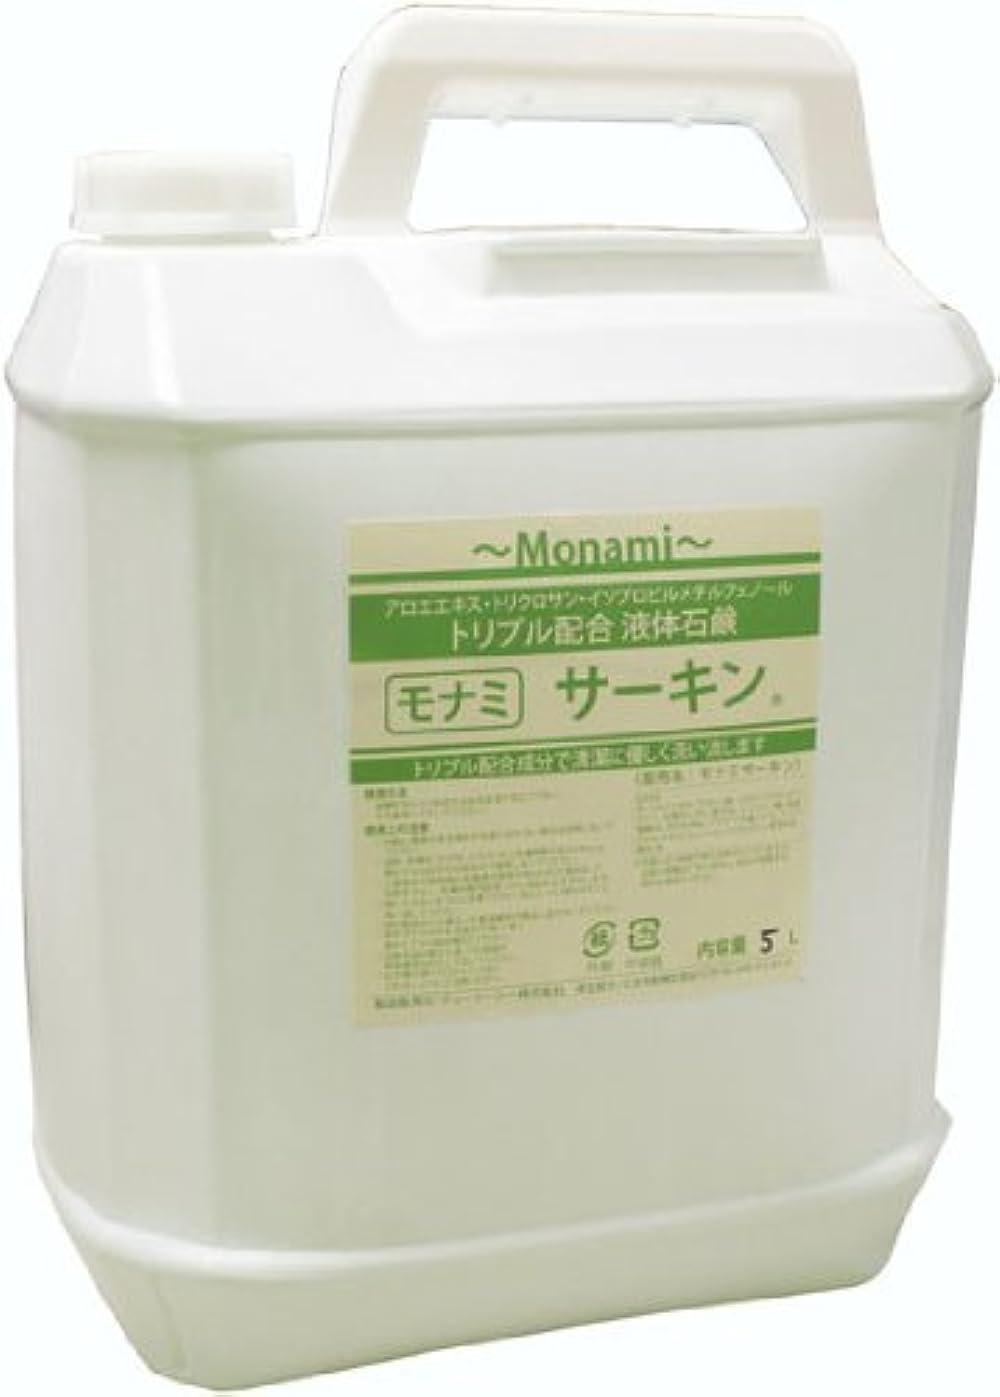 ホラーパウダー浜辺保湿剤配合業務用液体ソープ「モナミ サーキン5L」アロエエキス、トリクロサン、イソプロピルメチルフェノール配合